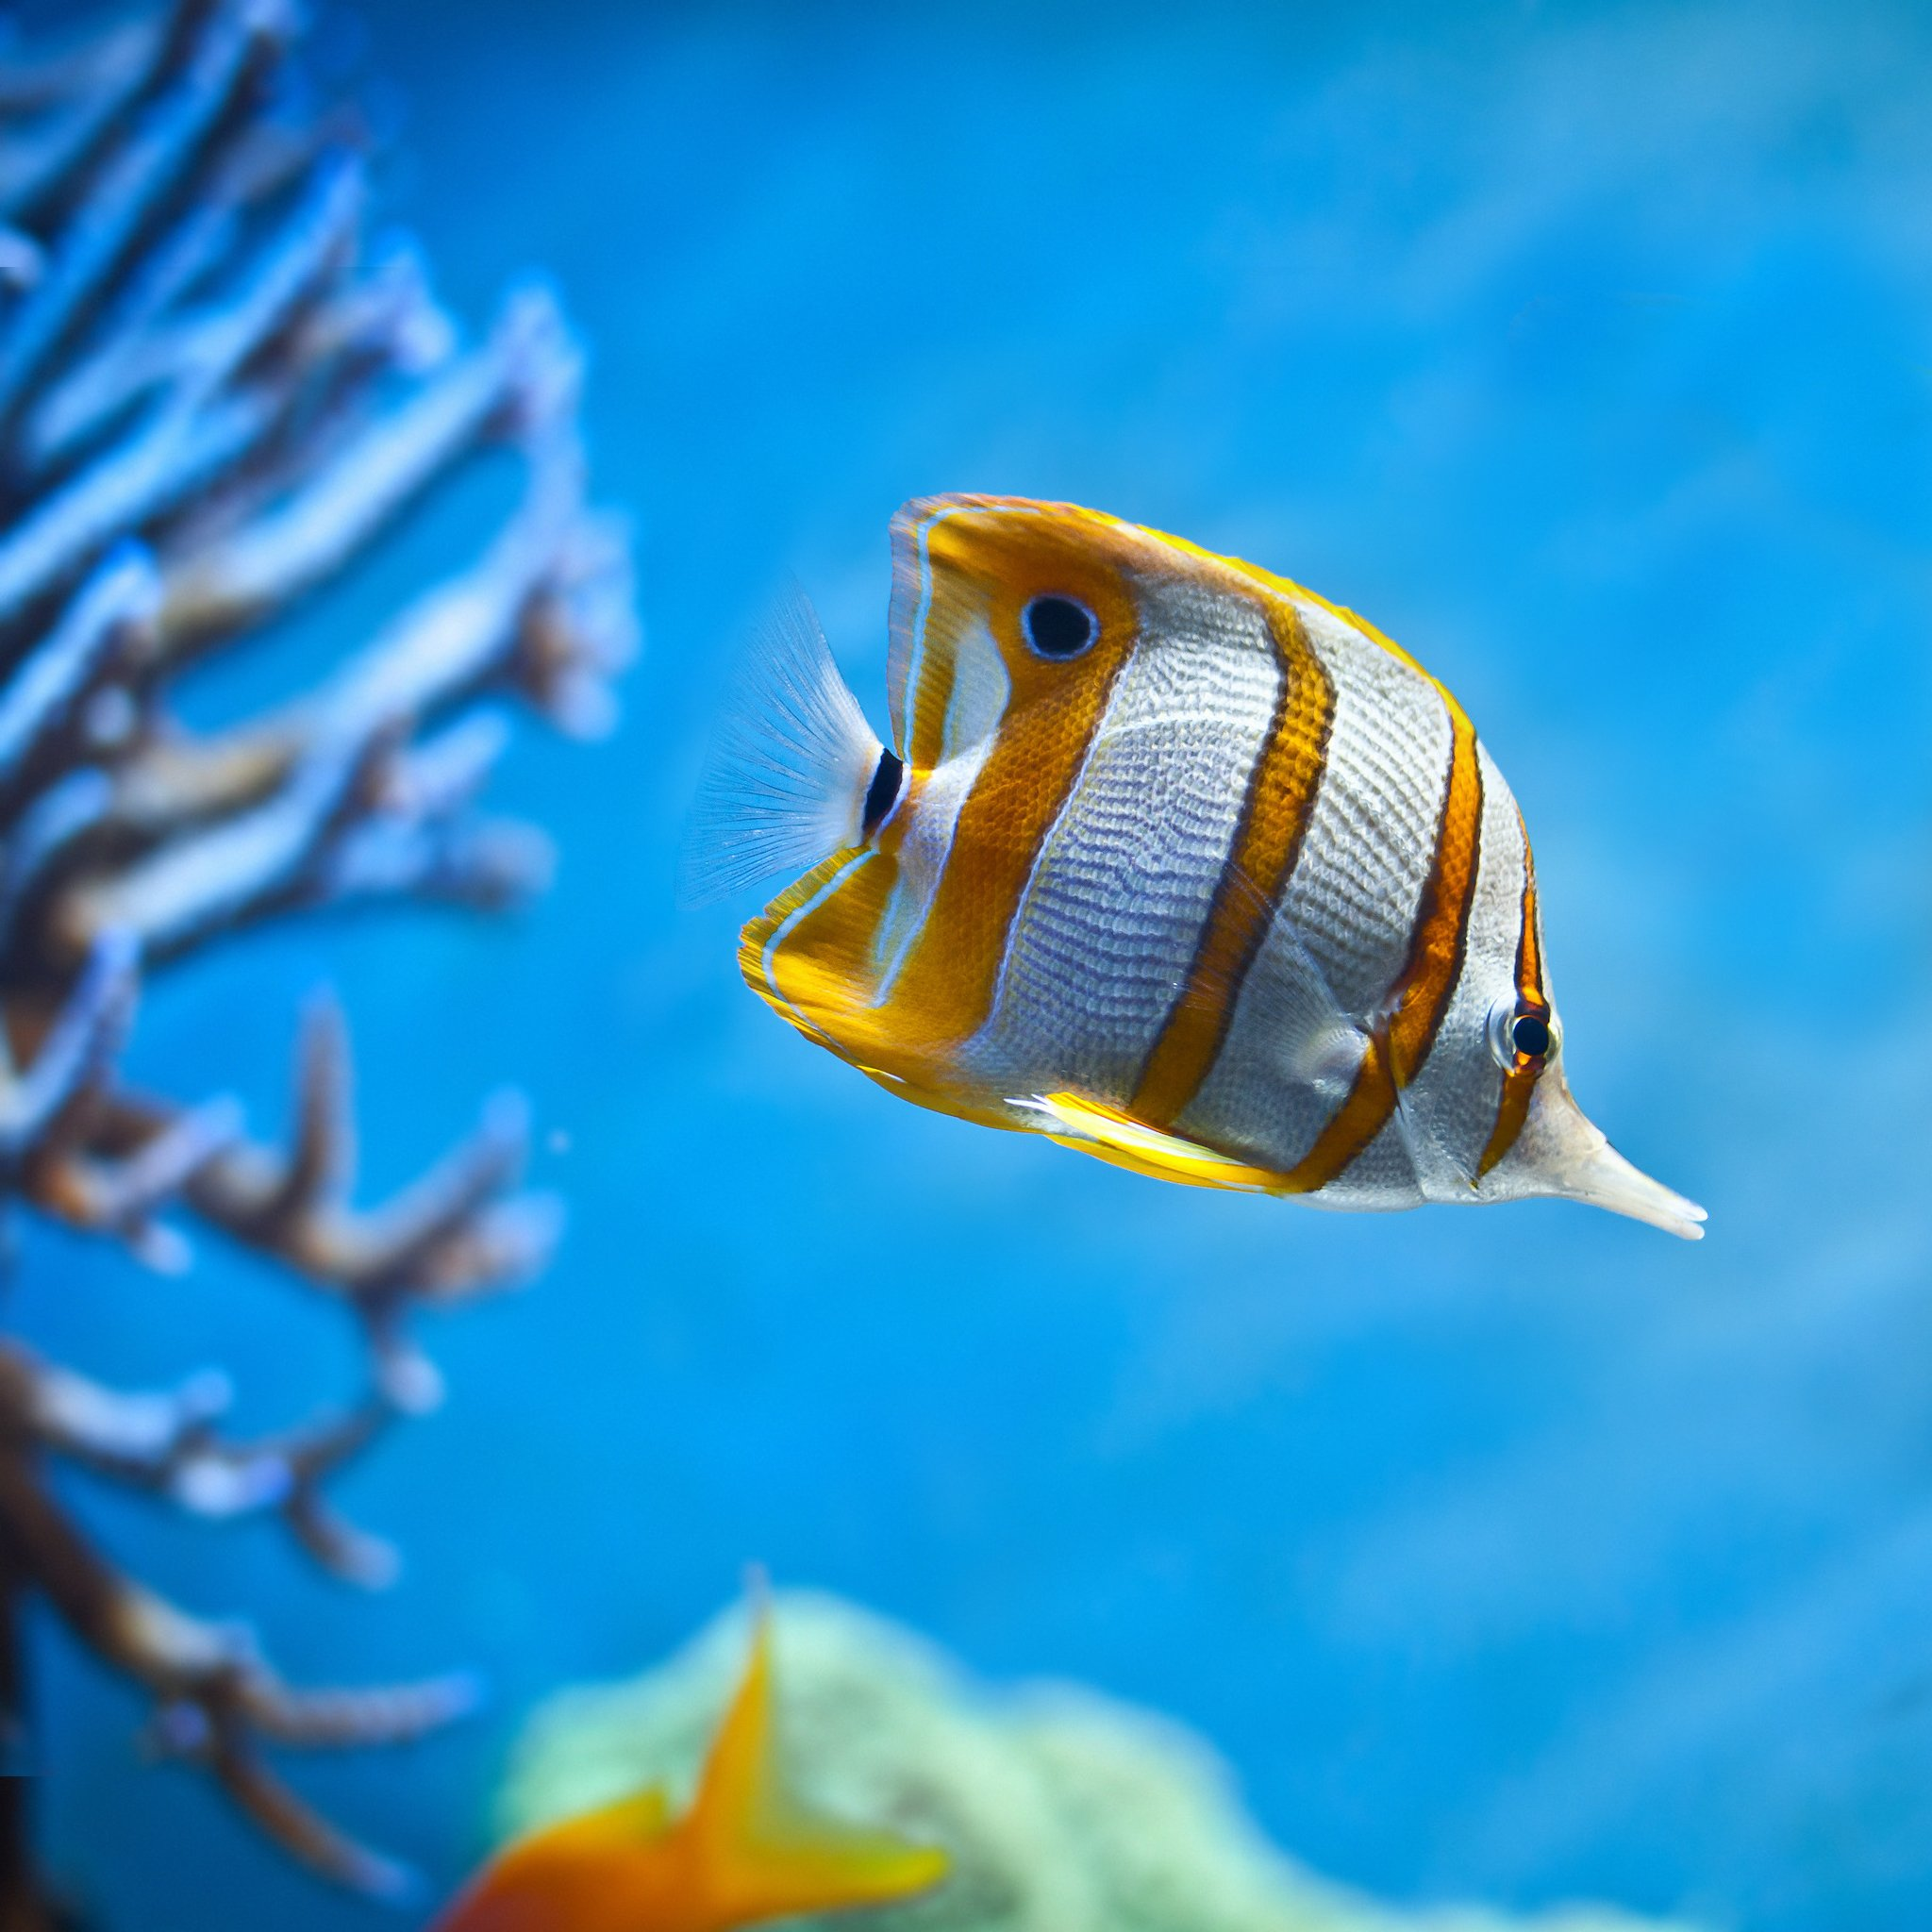 Tropical Fish Wallpaper for Computer - WallpaperSafari  Tropical Fish W...